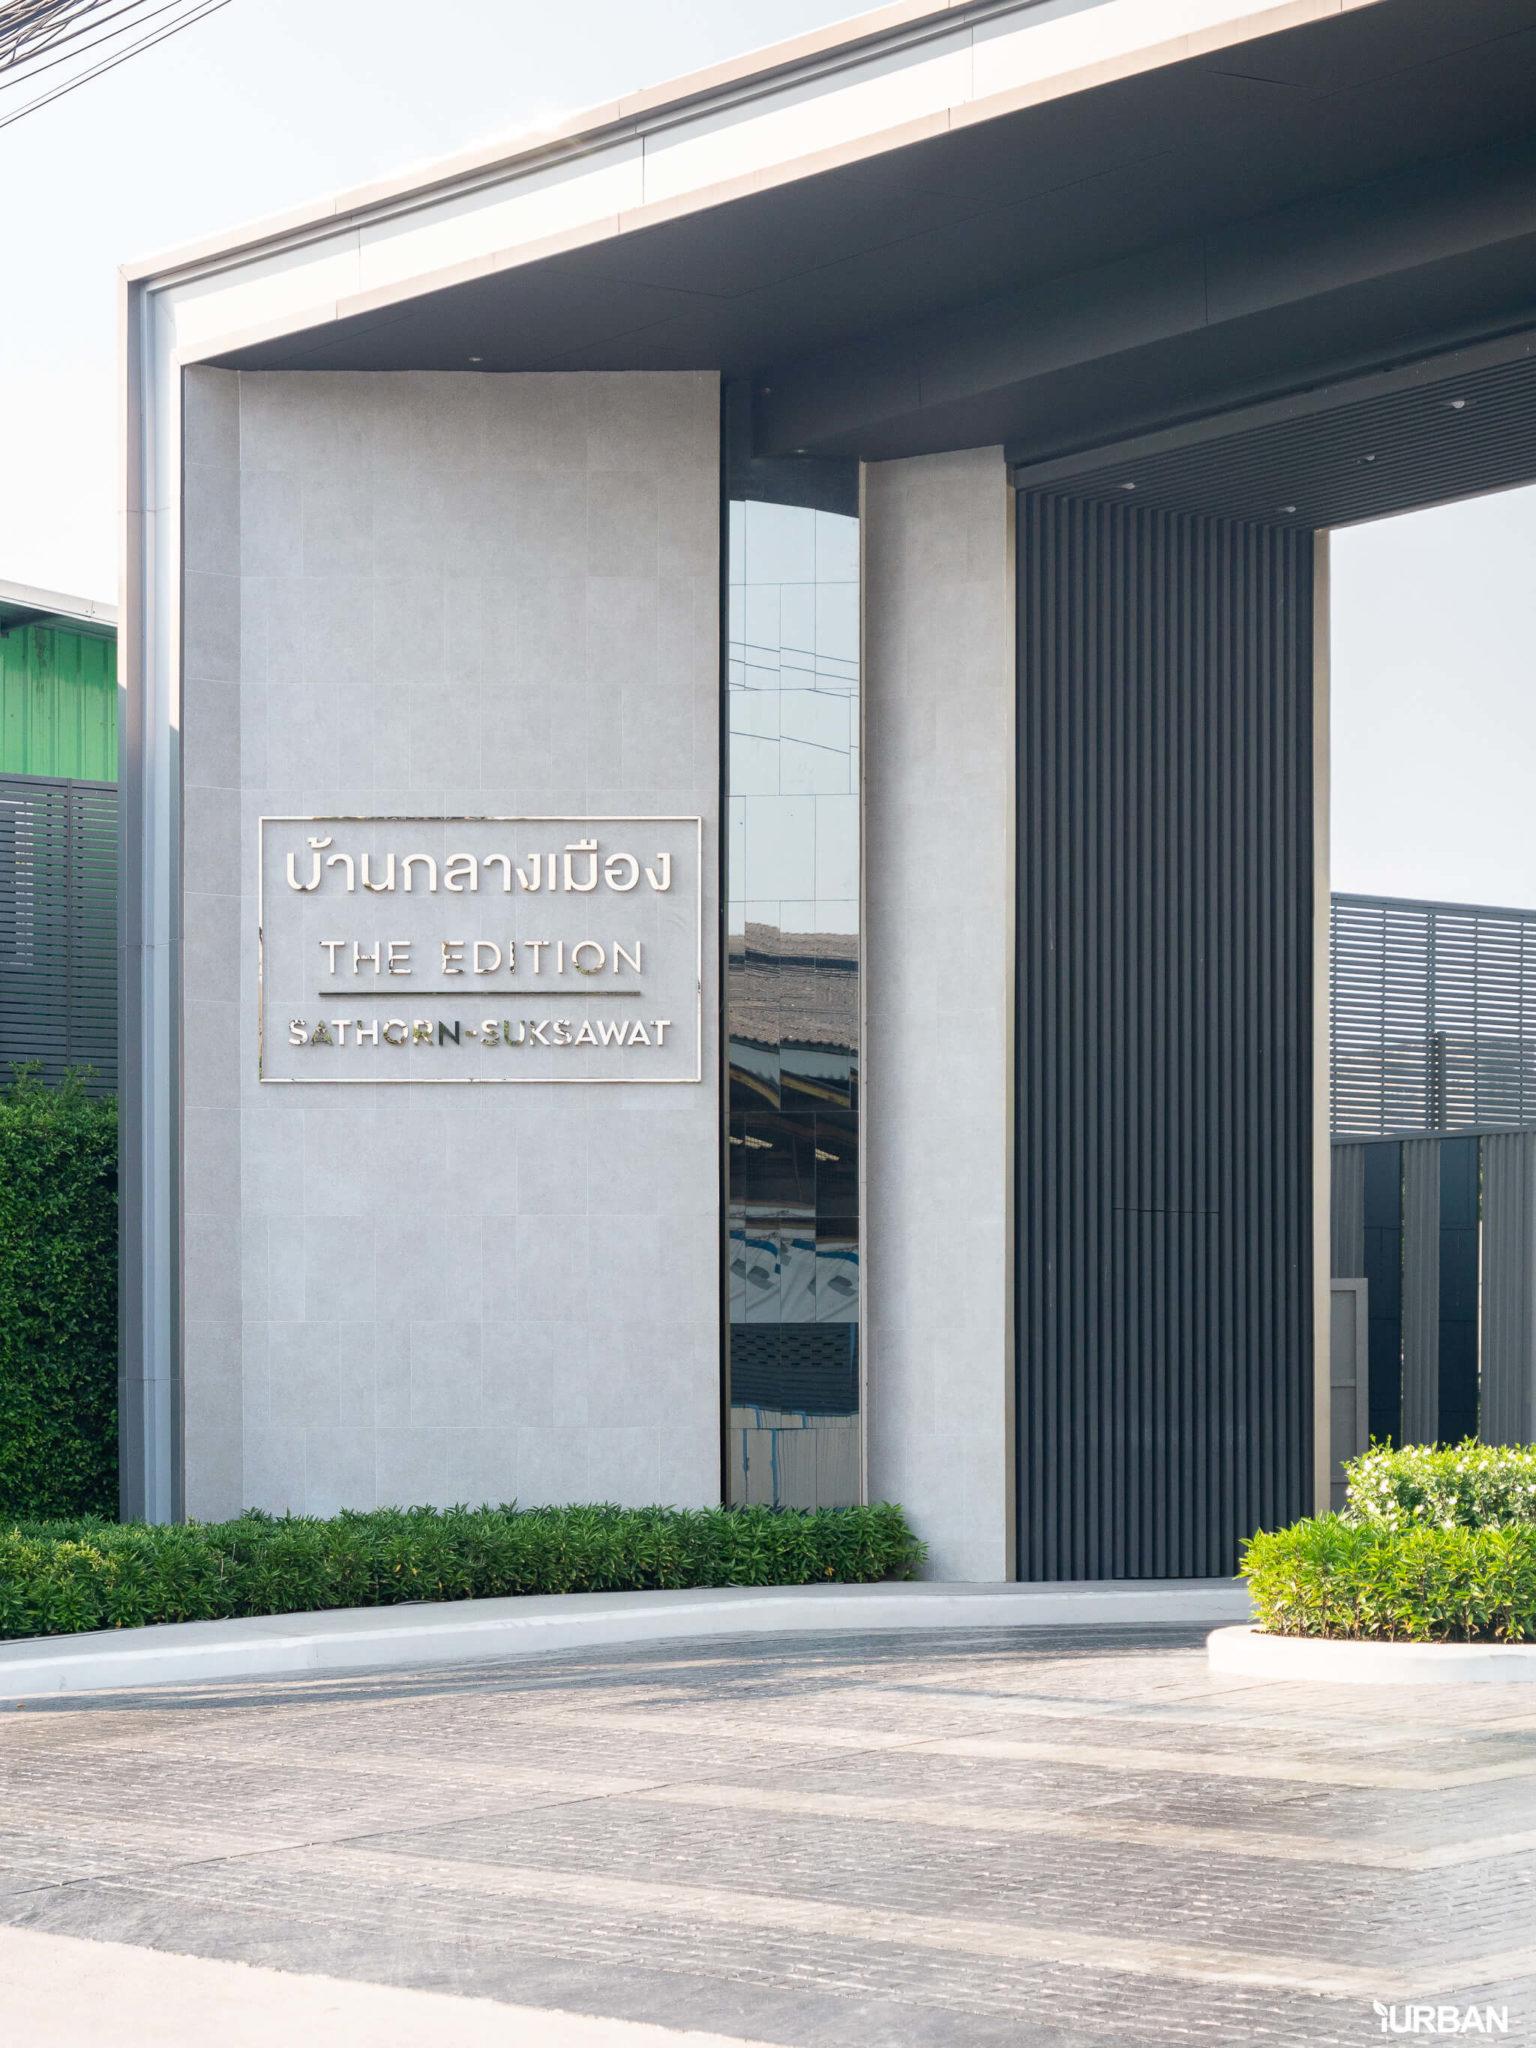 7 โครงการบ้านเอพีช่วยผ่อน 30 เดือน สุขสวัสดิ์-ประชาอุทิศ เข้าเมืองง่าย ทาวน์โฮม-บ้าน เริ่ม 1.99 ล้าน 35 - AP (Thailand) - เอพี (ไทยแลนด์)